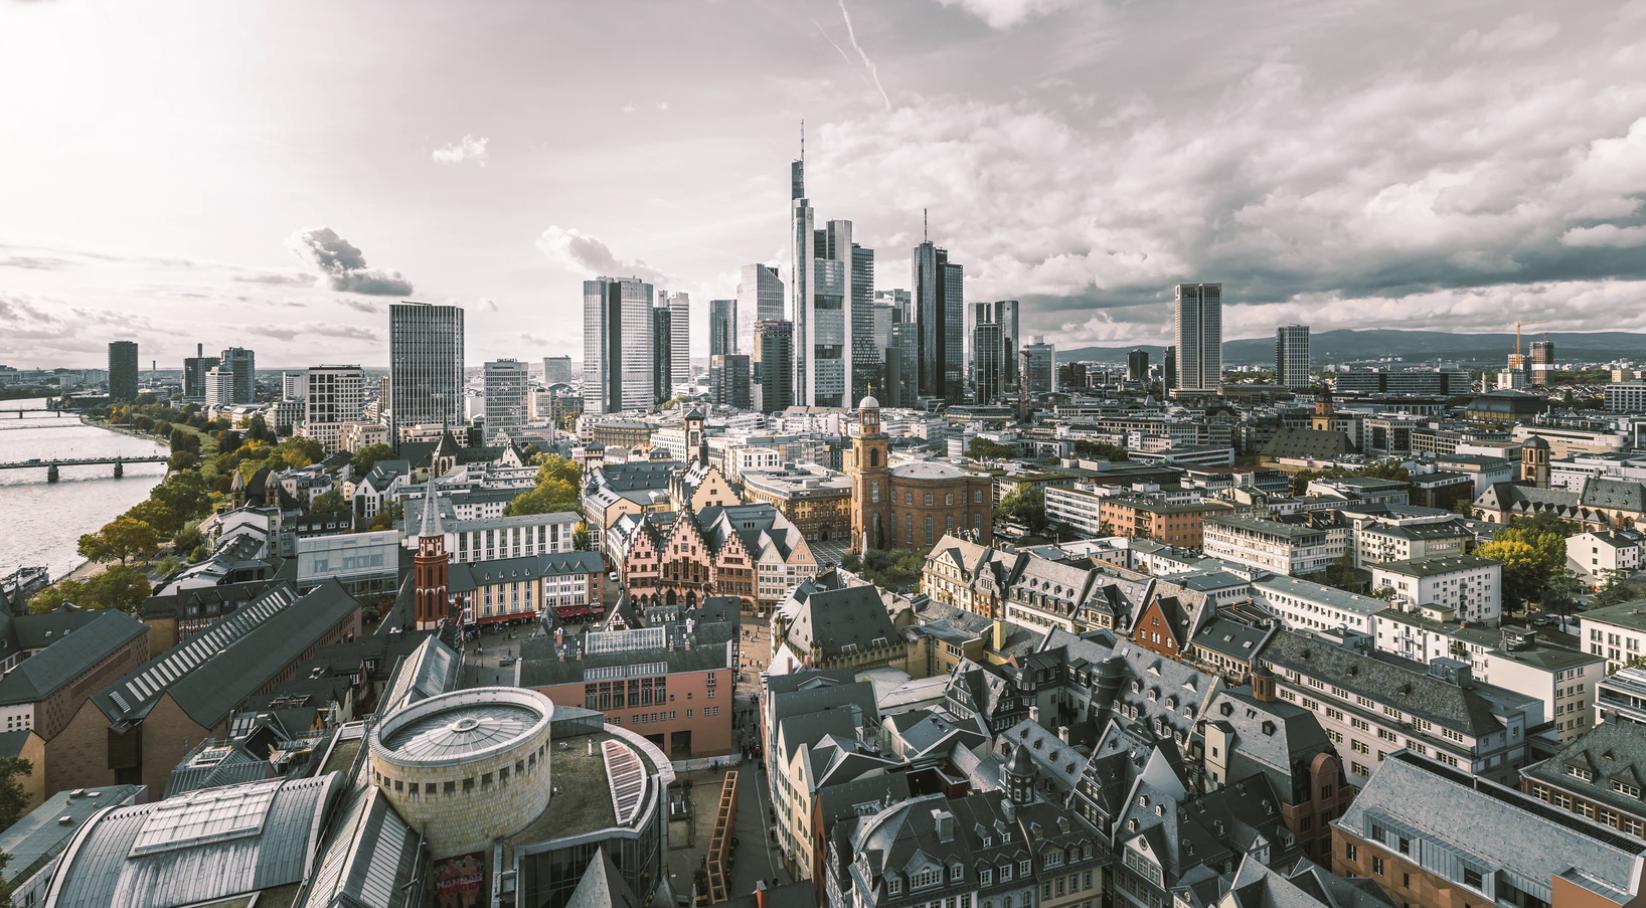 Die 5 besten Stadtteile für ein Immobilieninvestment in Frankfurt am Main